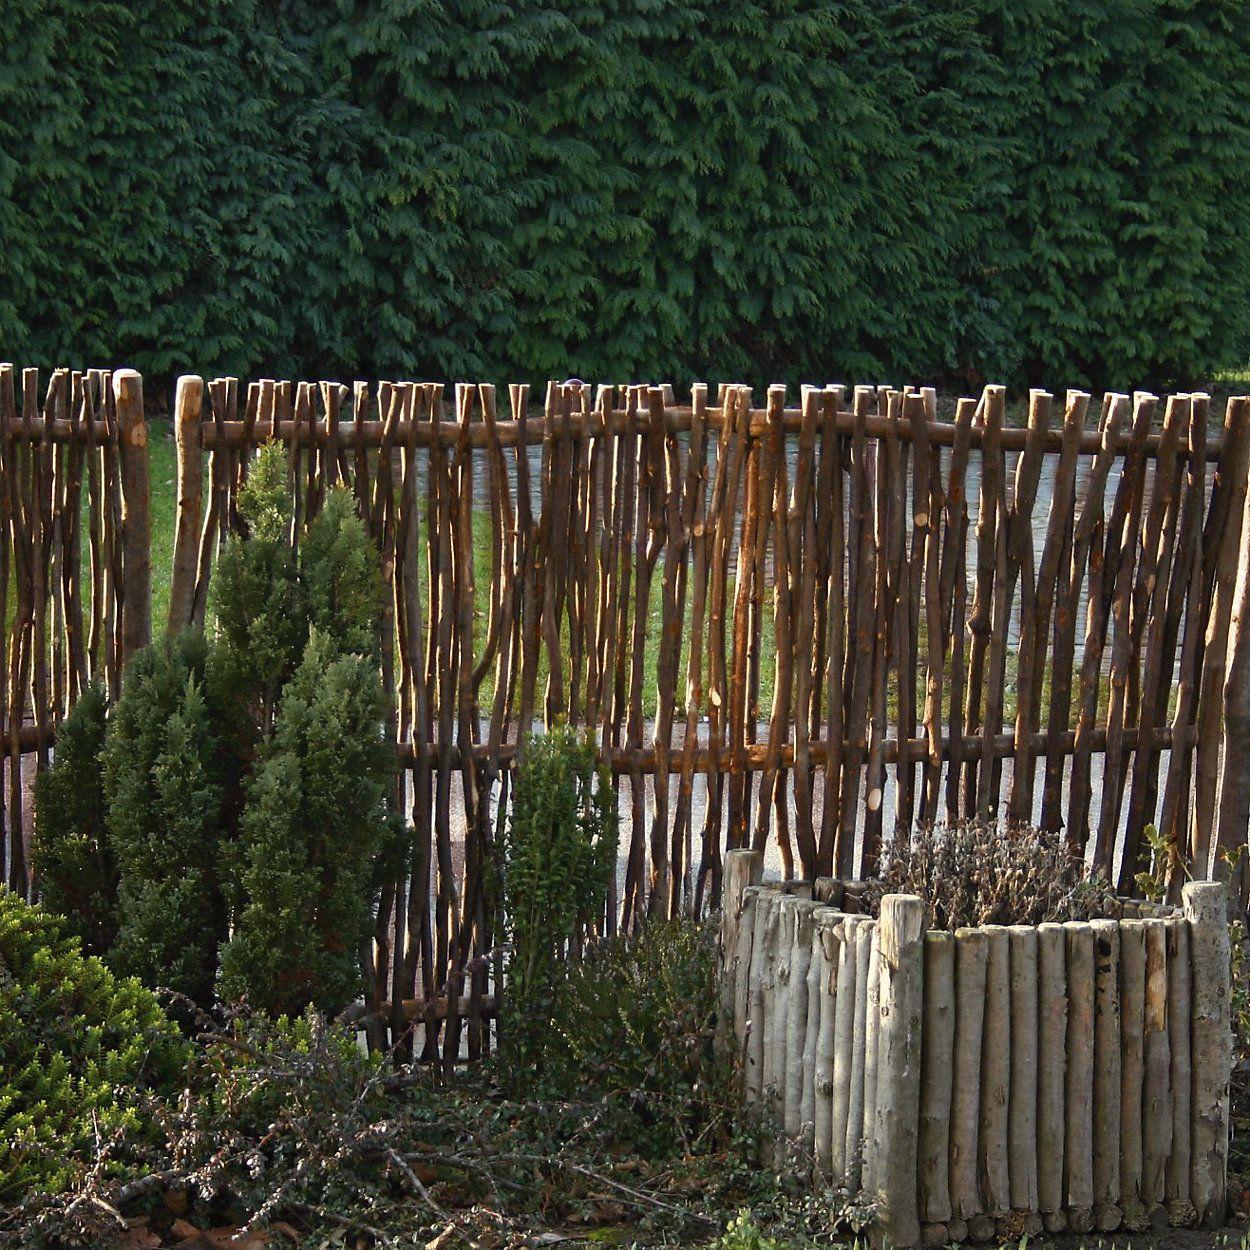 Sichtschutz Haselnußholz Naturzaun, Sichtschutz und